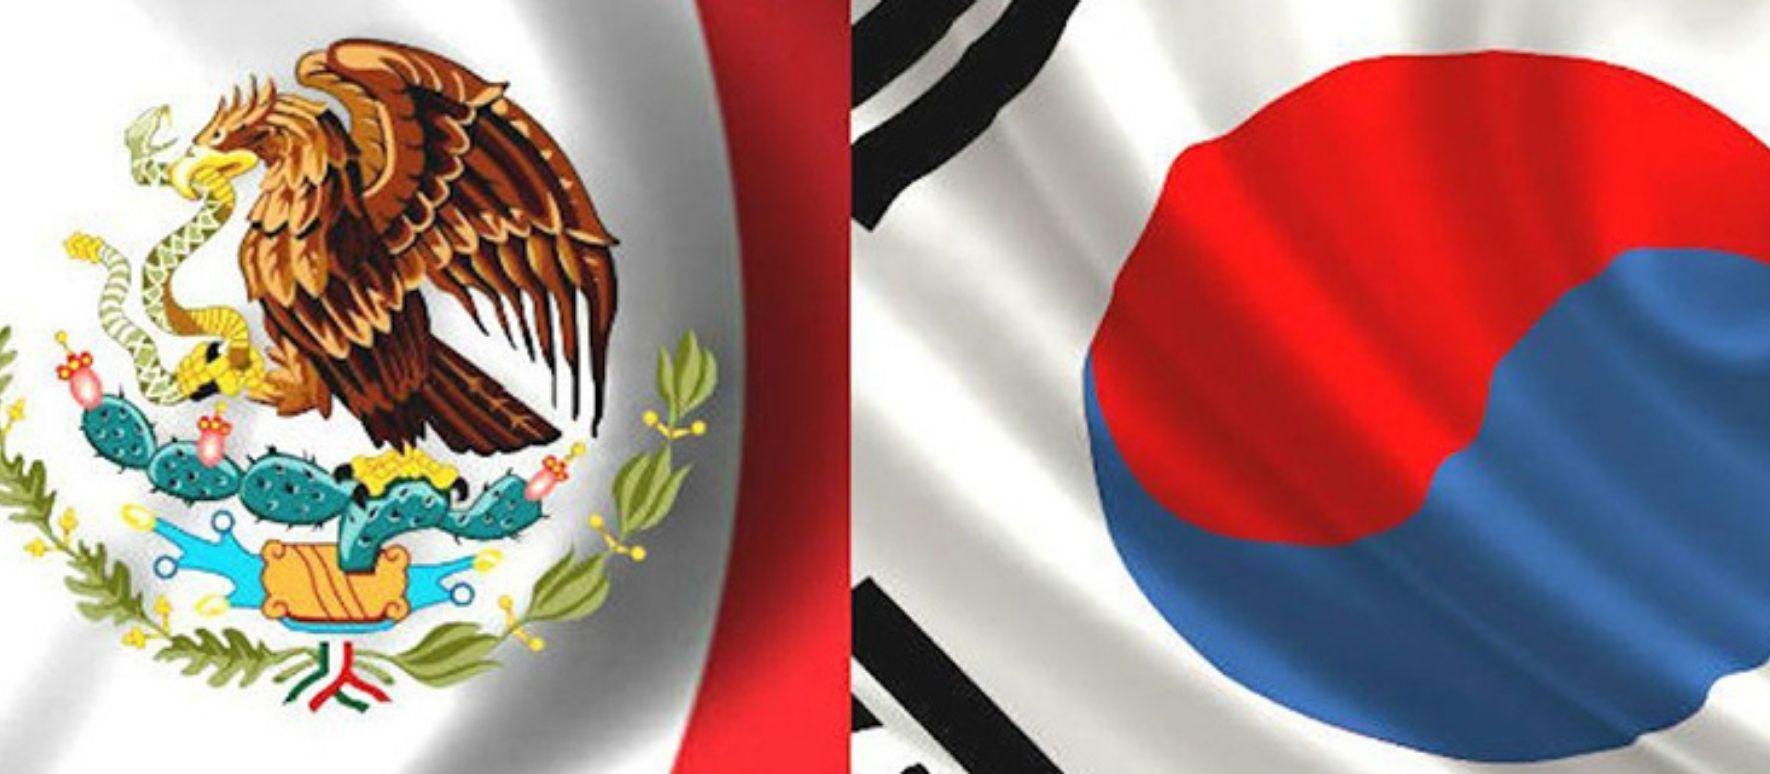 Posible tratado comercial entre México y Corea del Sur | DSV